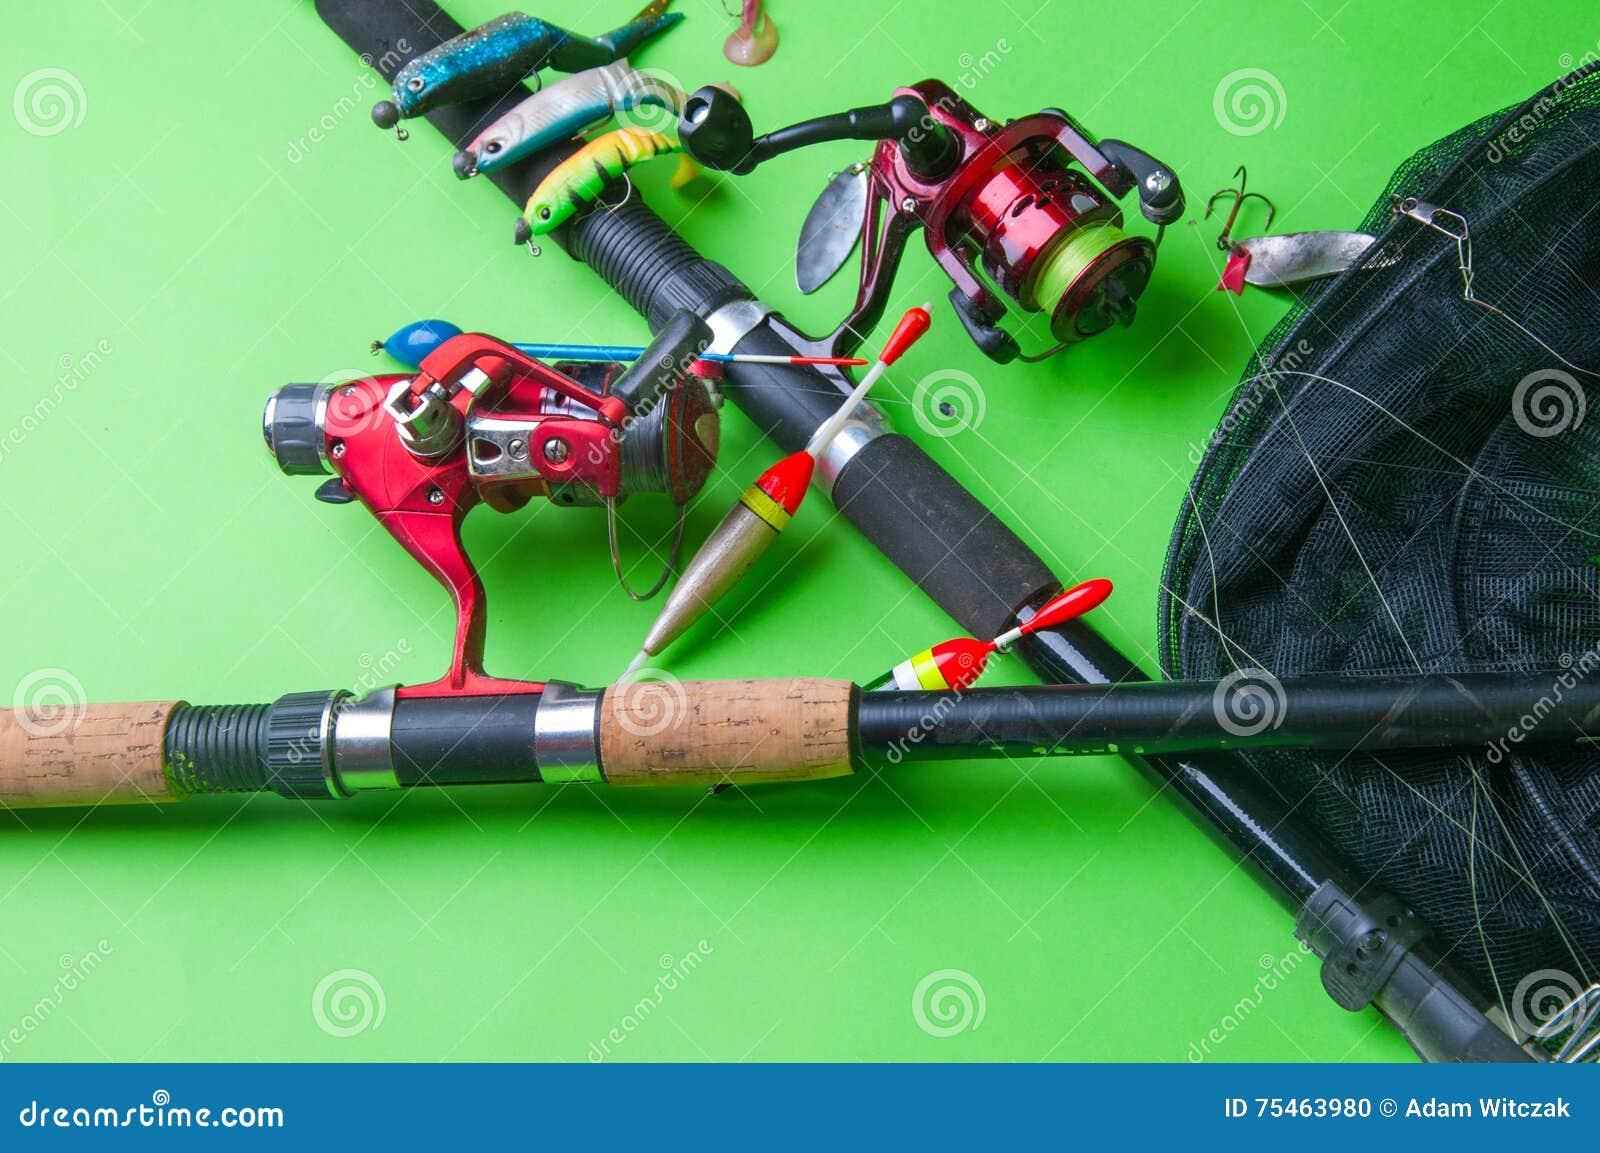 Equipo De Pesca En Un Fondo Verde Foto de archivo - Imagen de ... 2ad6488b500